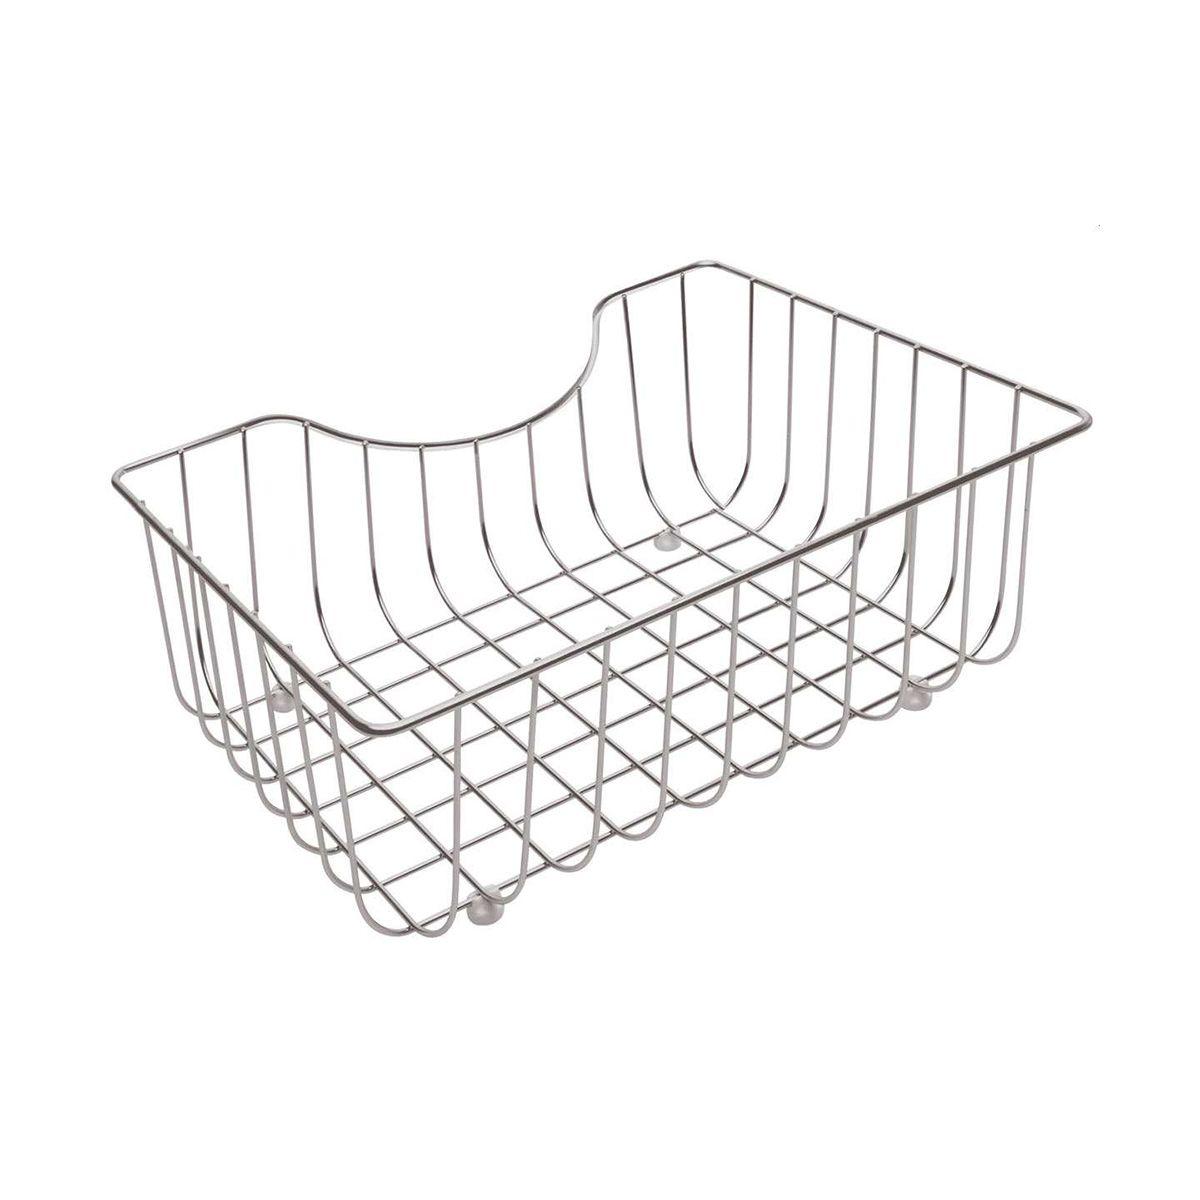 Villeroy & Boch Solo Wire Sink Salad Basket - 8K09-00-K1 - Sinks ...